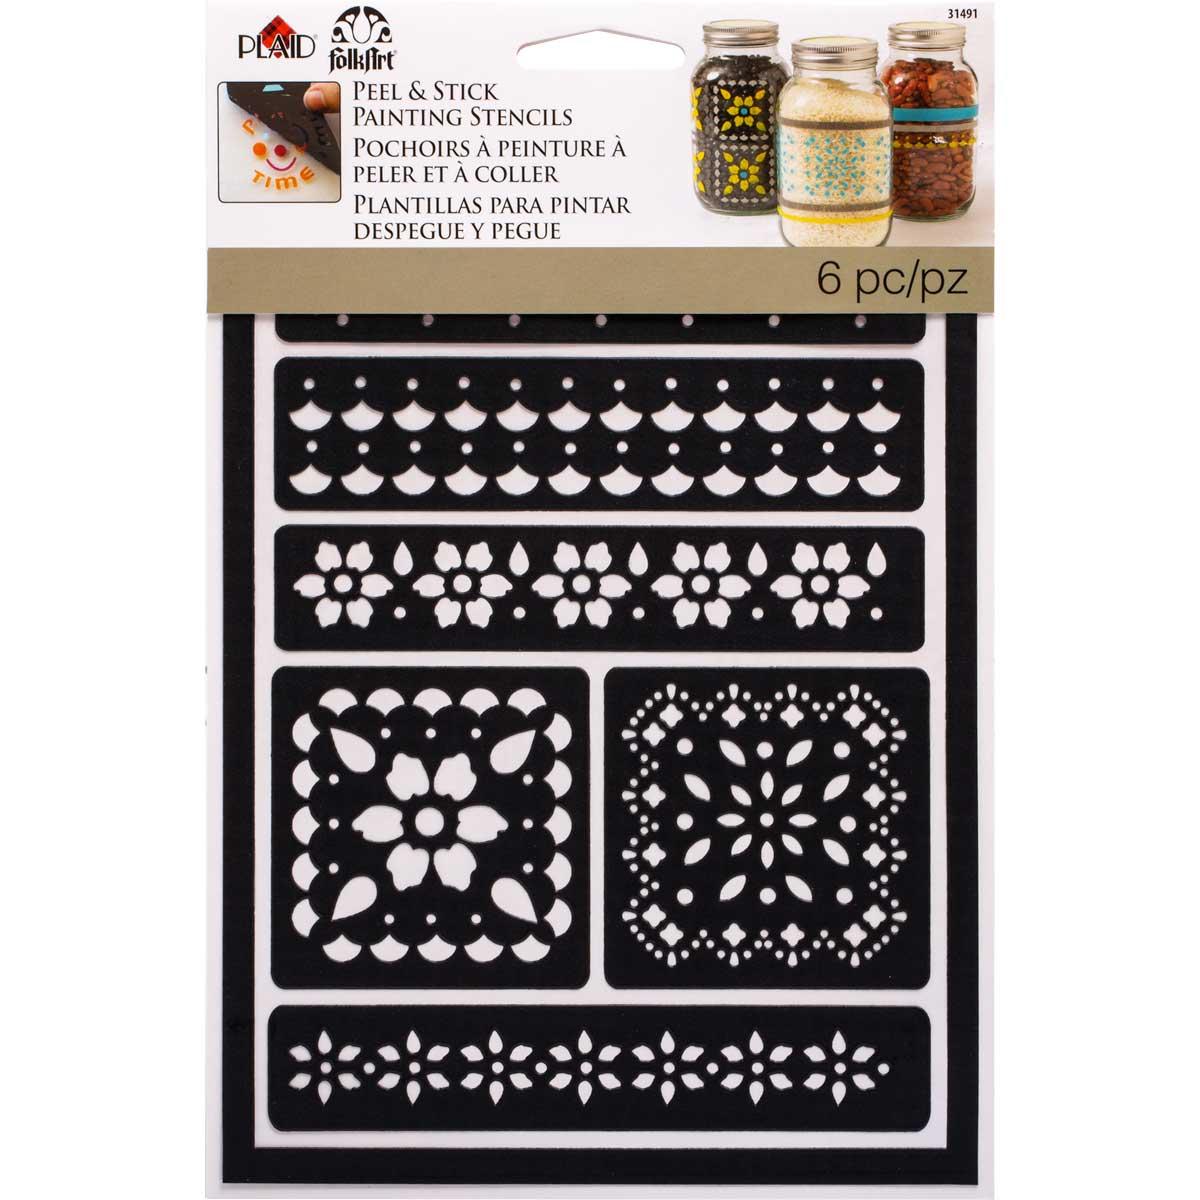 FolkArt ® Peel & Stick Painting Stencils - Lace - 31491